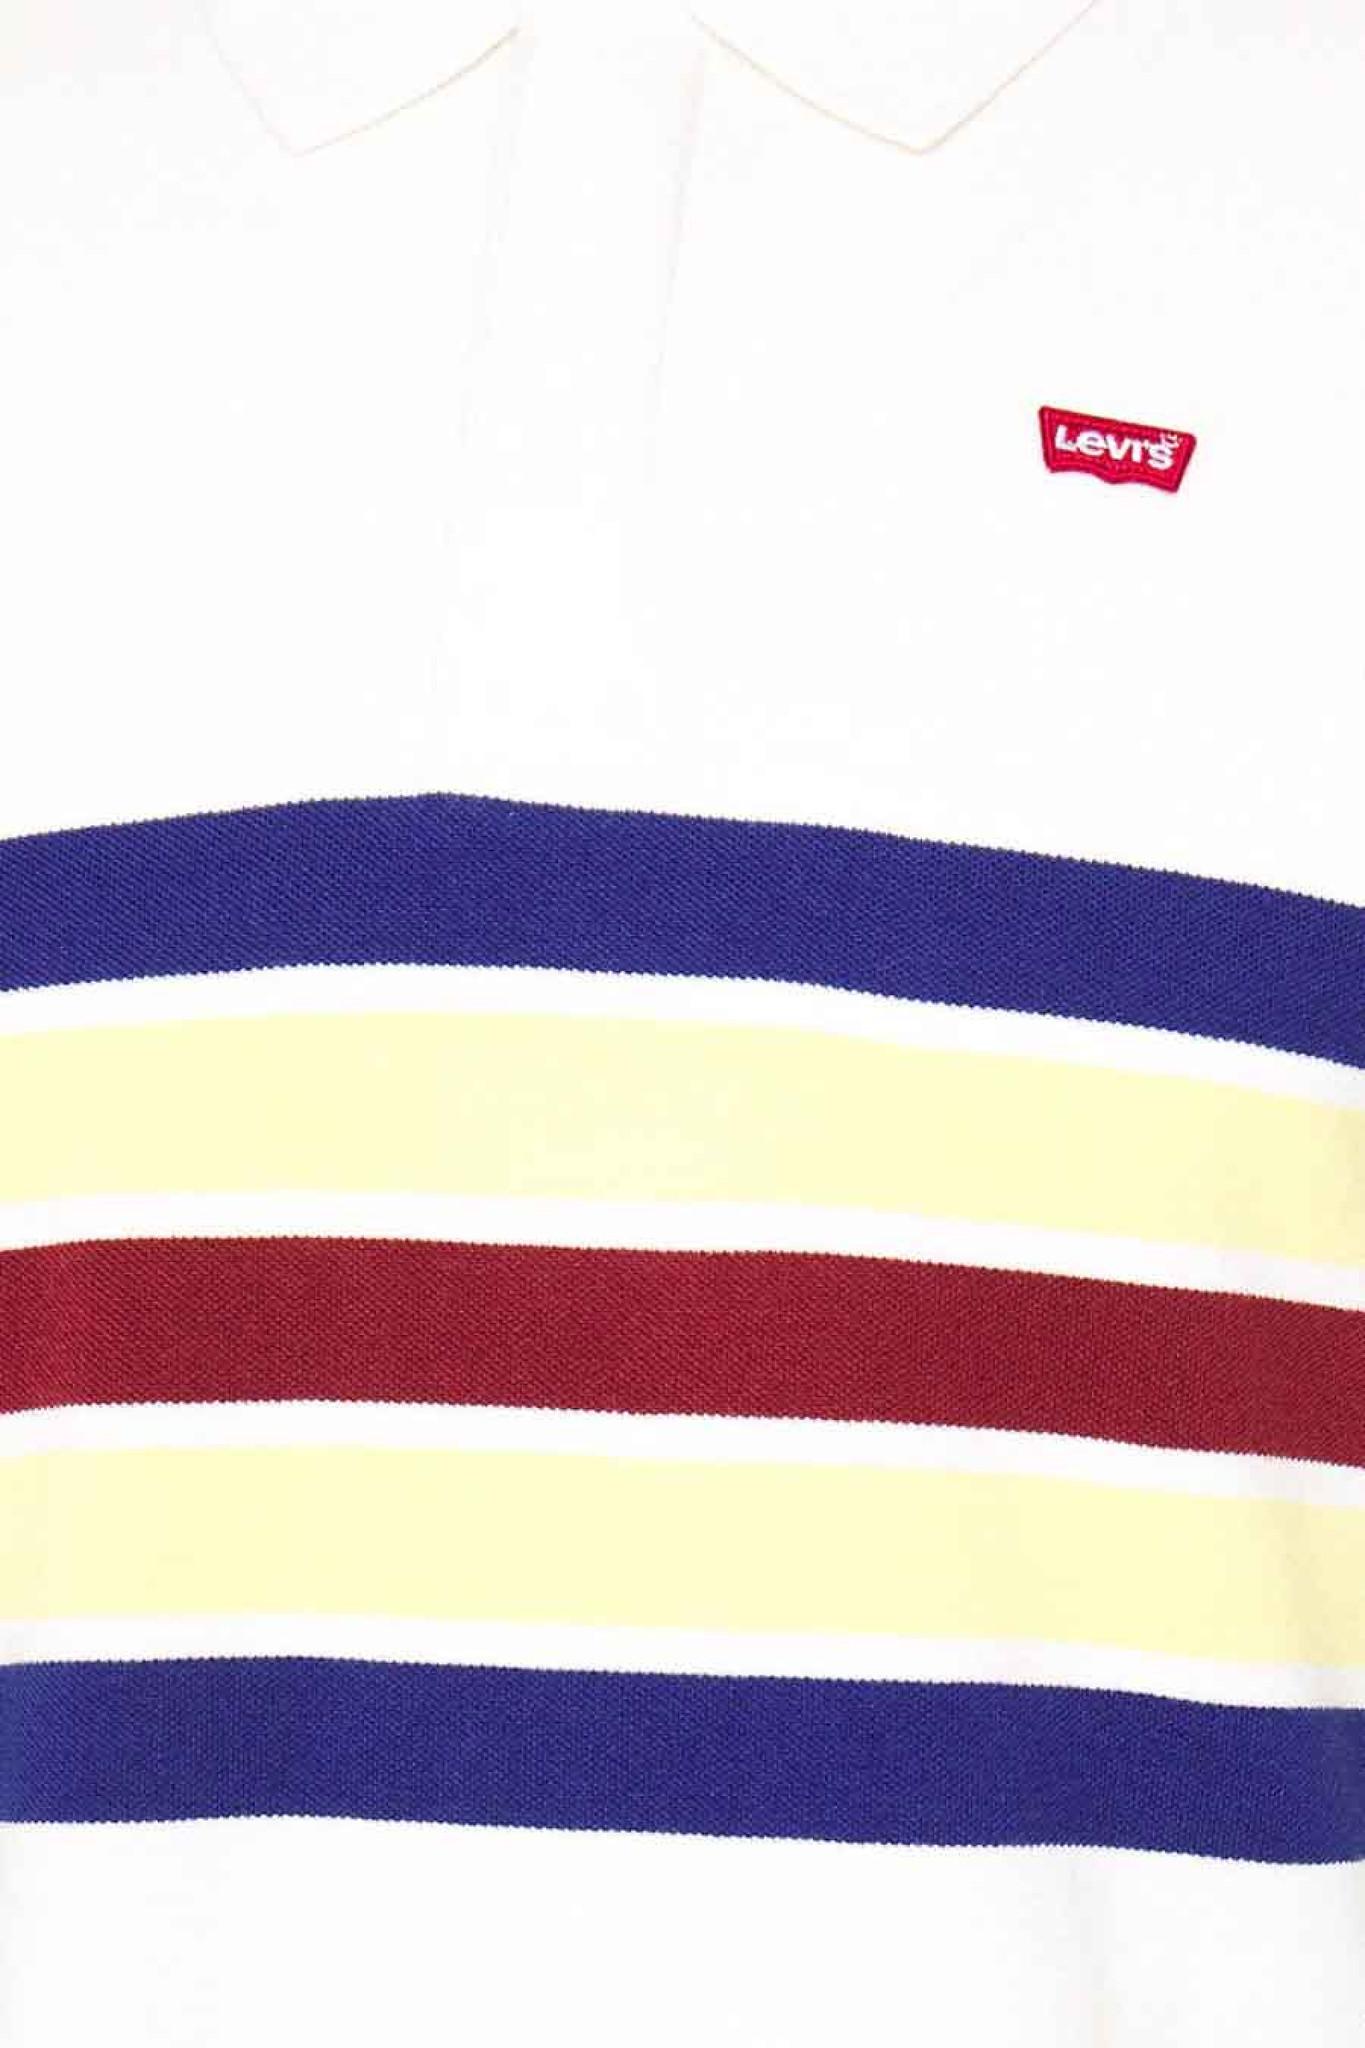 LEVIS polo ligné multicolor-2